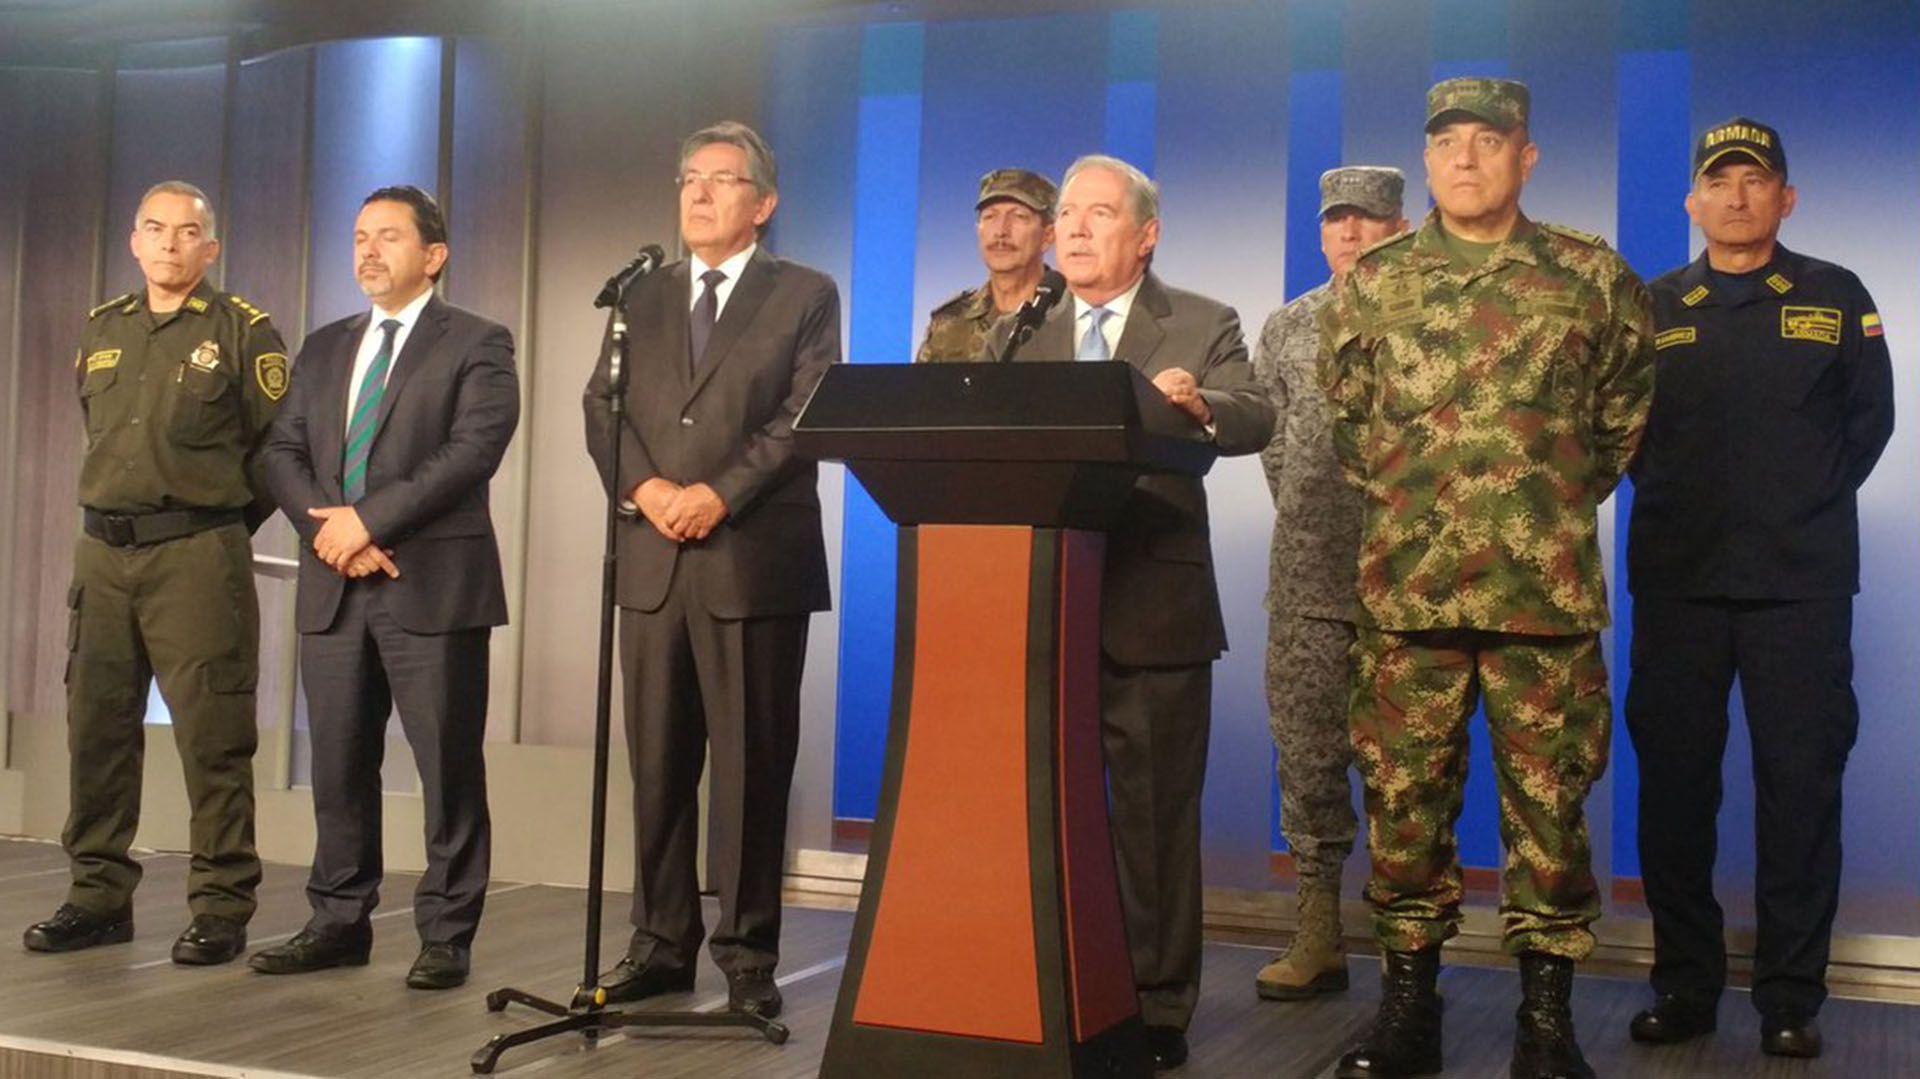 El ministro de Defensa de Colombia, Guillermo Botero, en conferencia de prensa (@mindefensa)